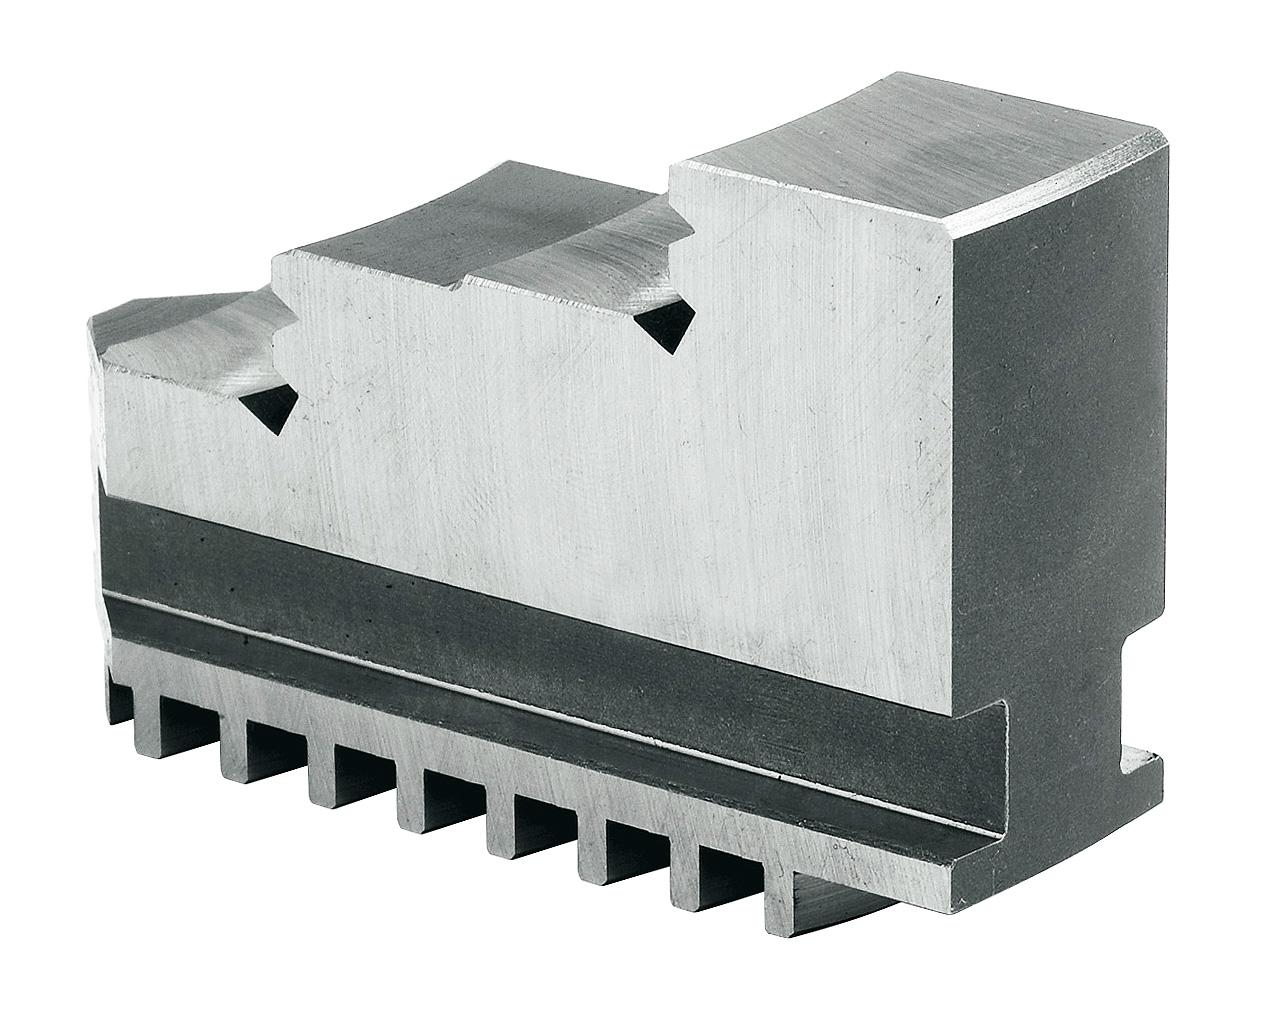 Szczęki jednolite twarde wewnętrzne - komplet IJ-PS3-100 BERNARDO